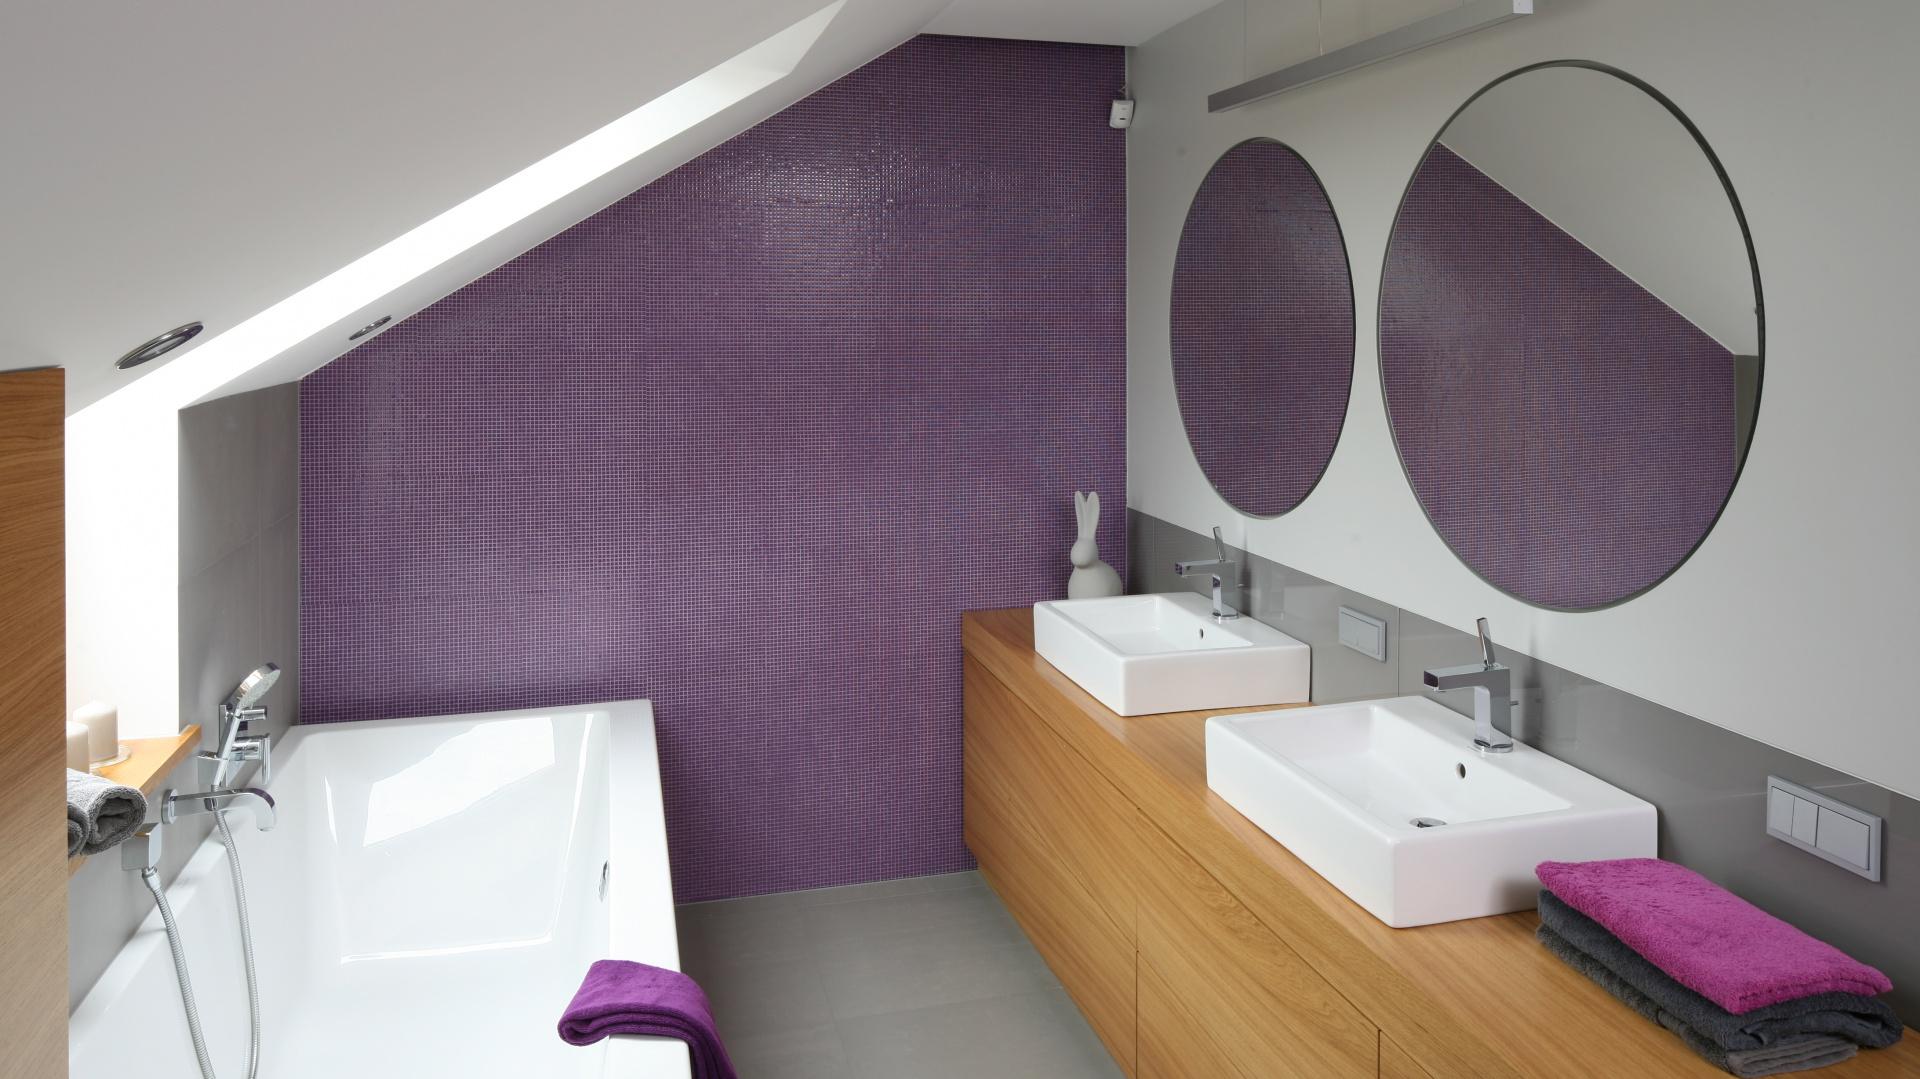 Duża i przestronna łazienka została zaaranżowana dla dwojga. Projekt Małgorzata Galewska. Fot. Bartosz Jarosz.